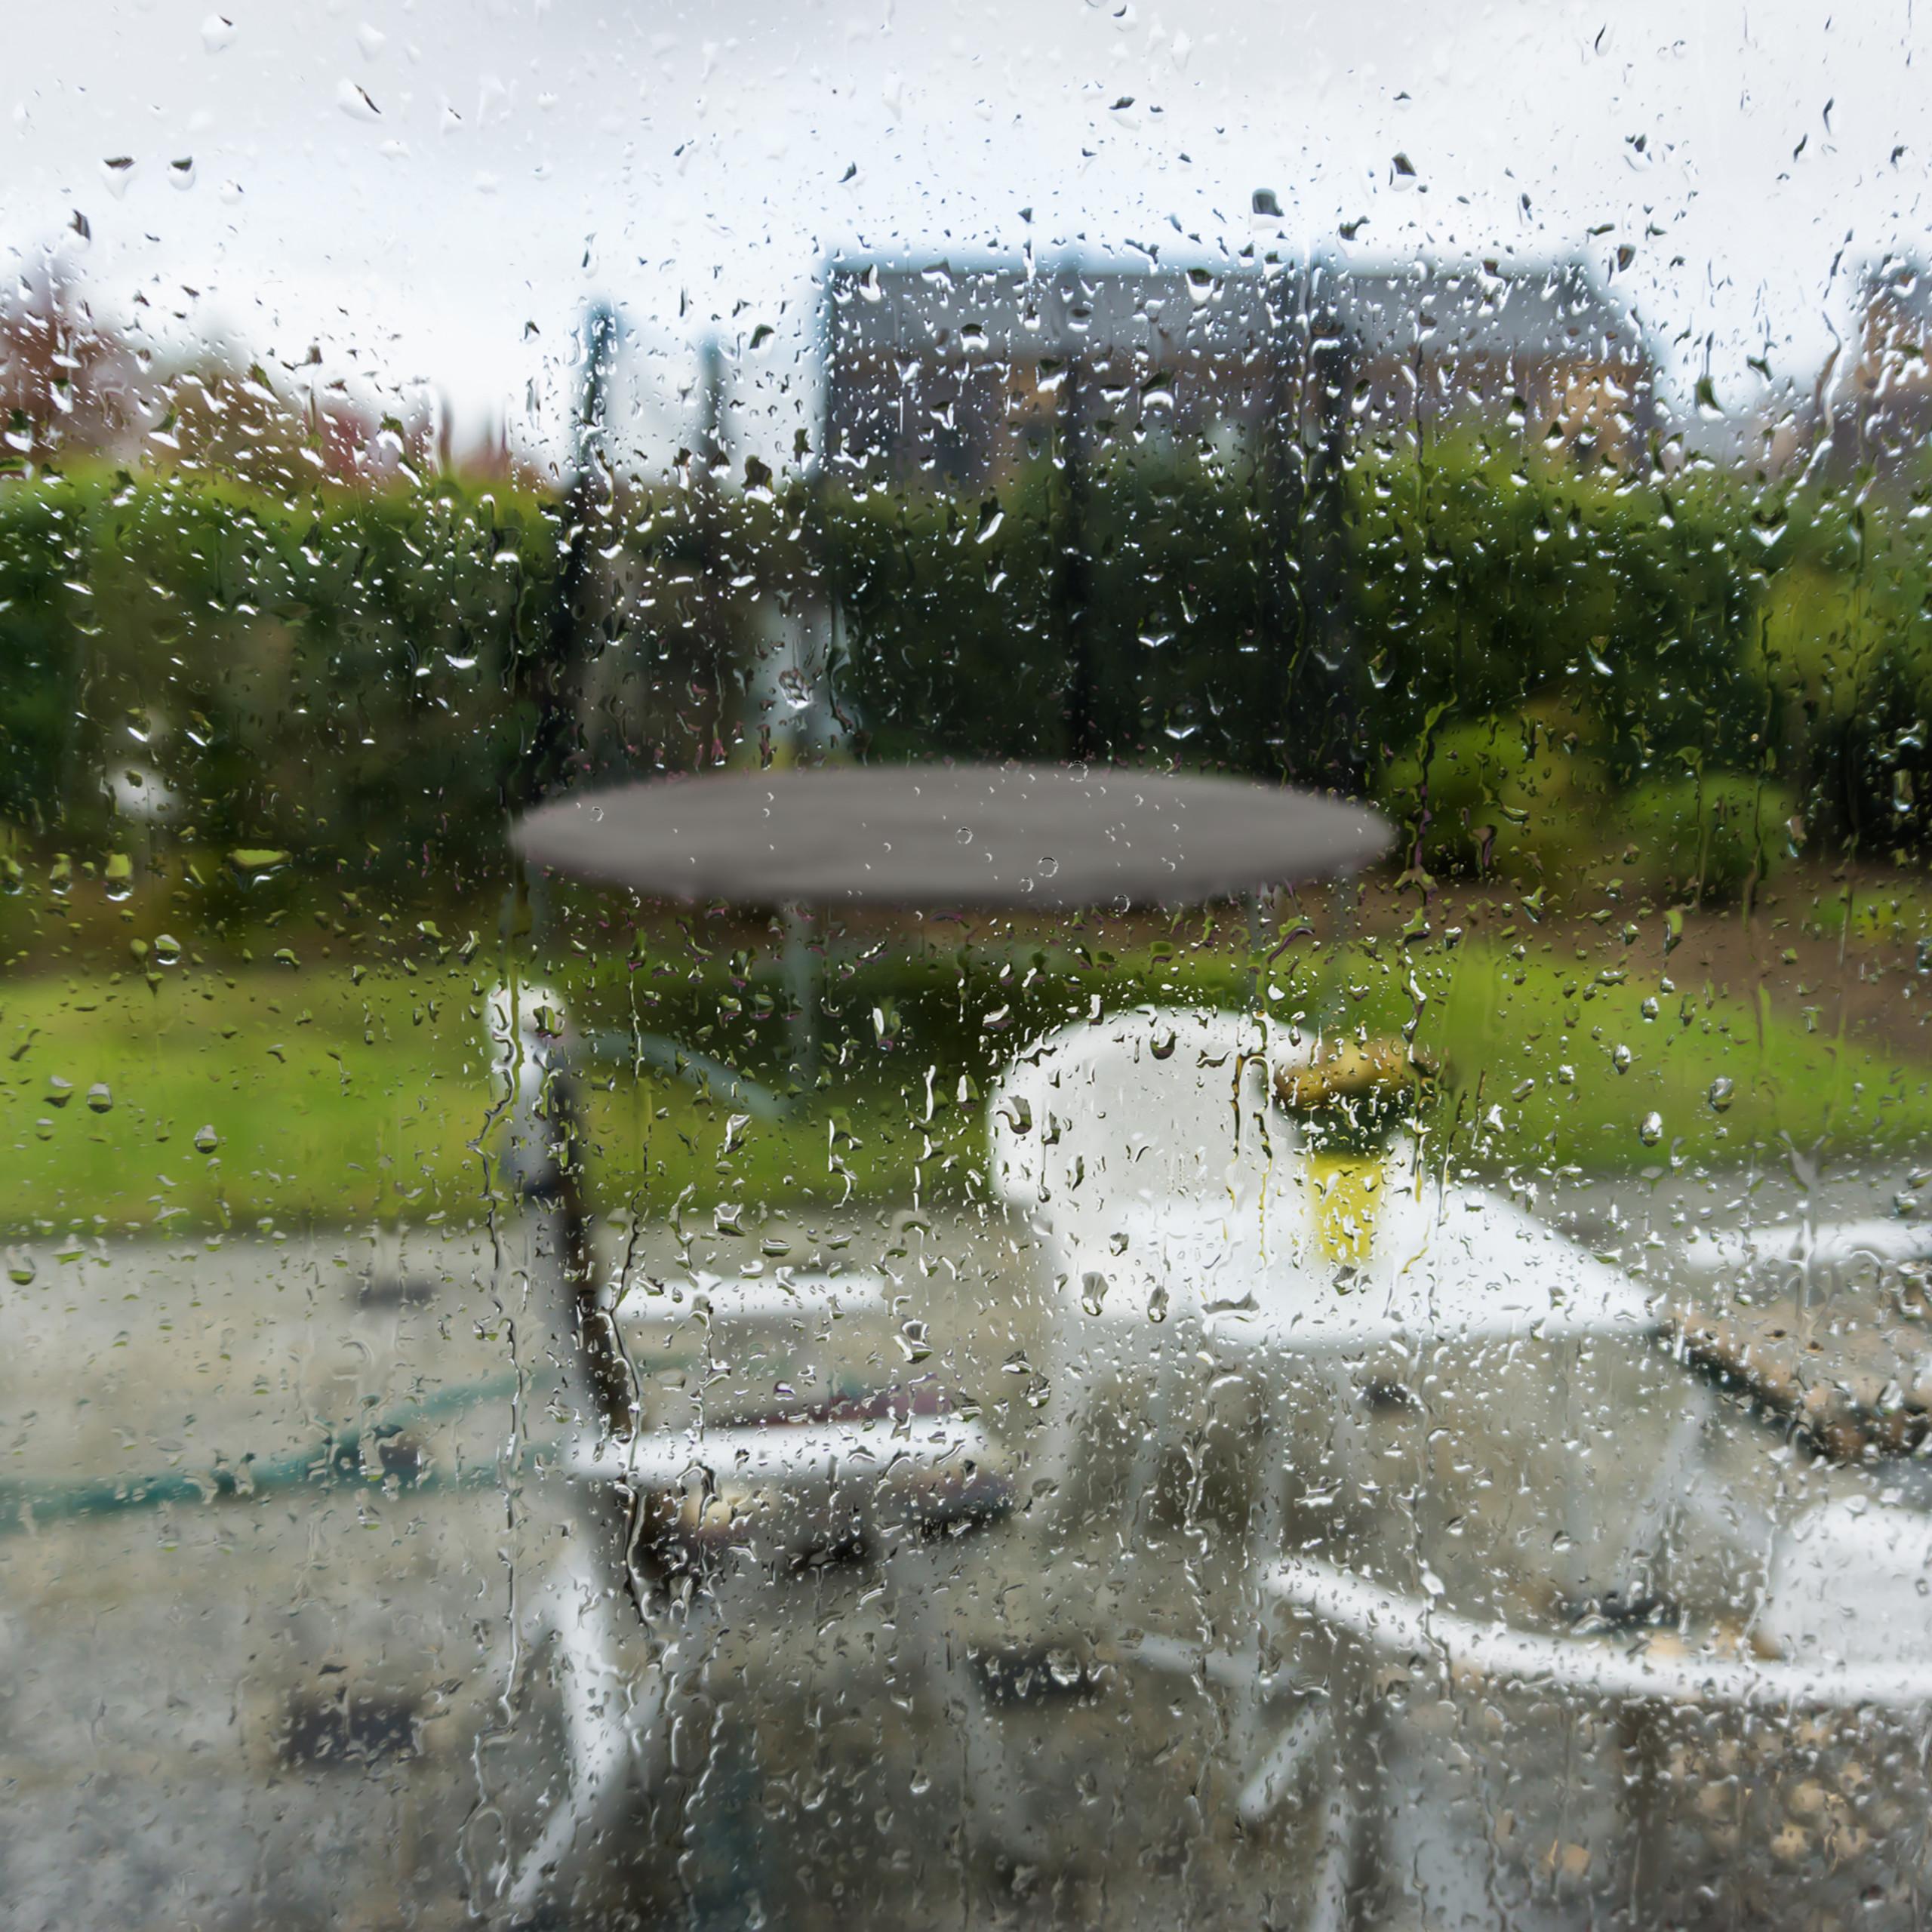 Housse-de-Protection-pour-Trampoline-Bache-pluie-vent-jardin-intemperies miniature 34